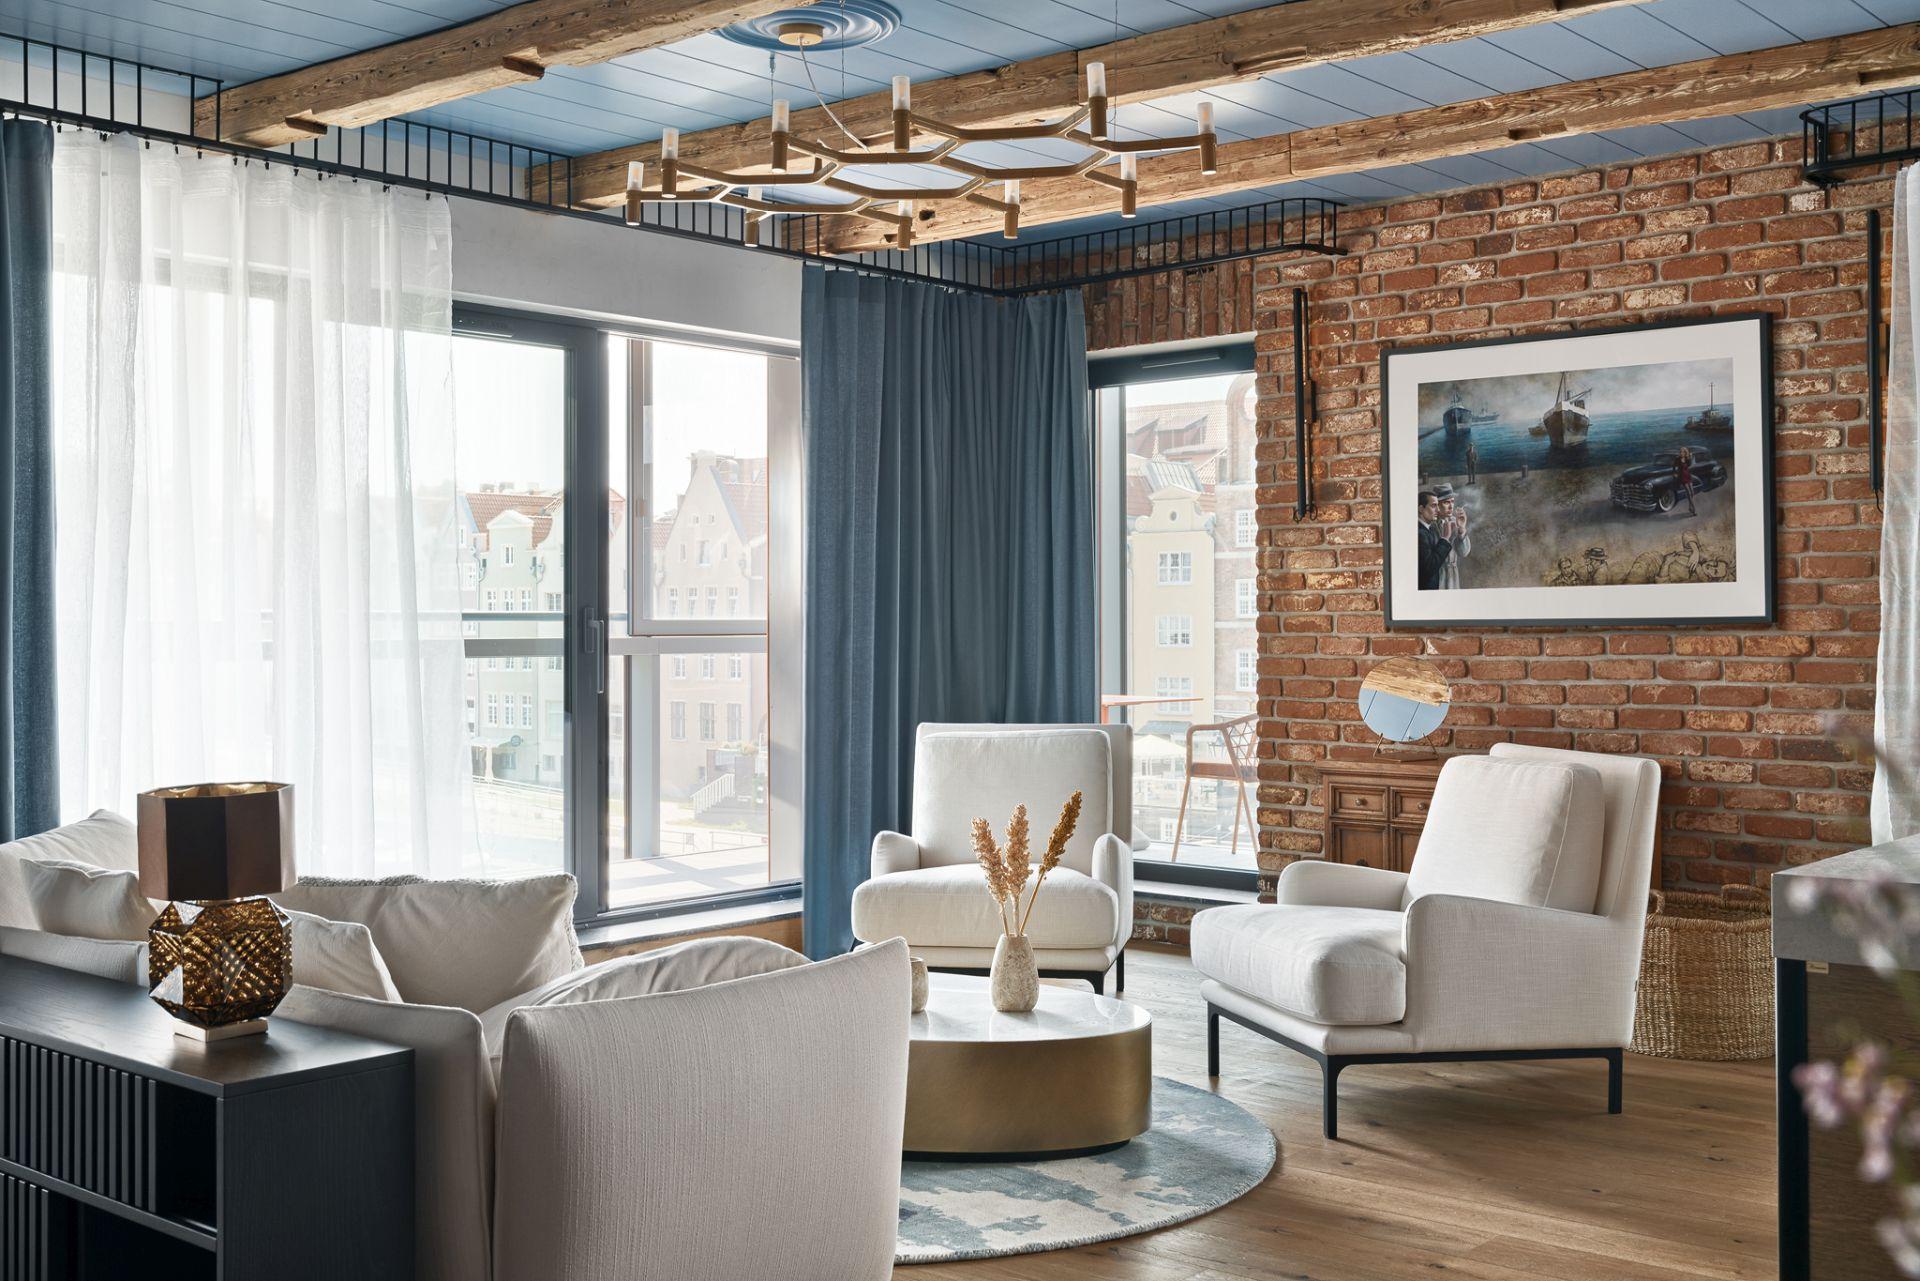 architektura Design Meble  Nowy styl gdański. Realizacja nadmorskiego apartamentu według projektu Jana Sikory